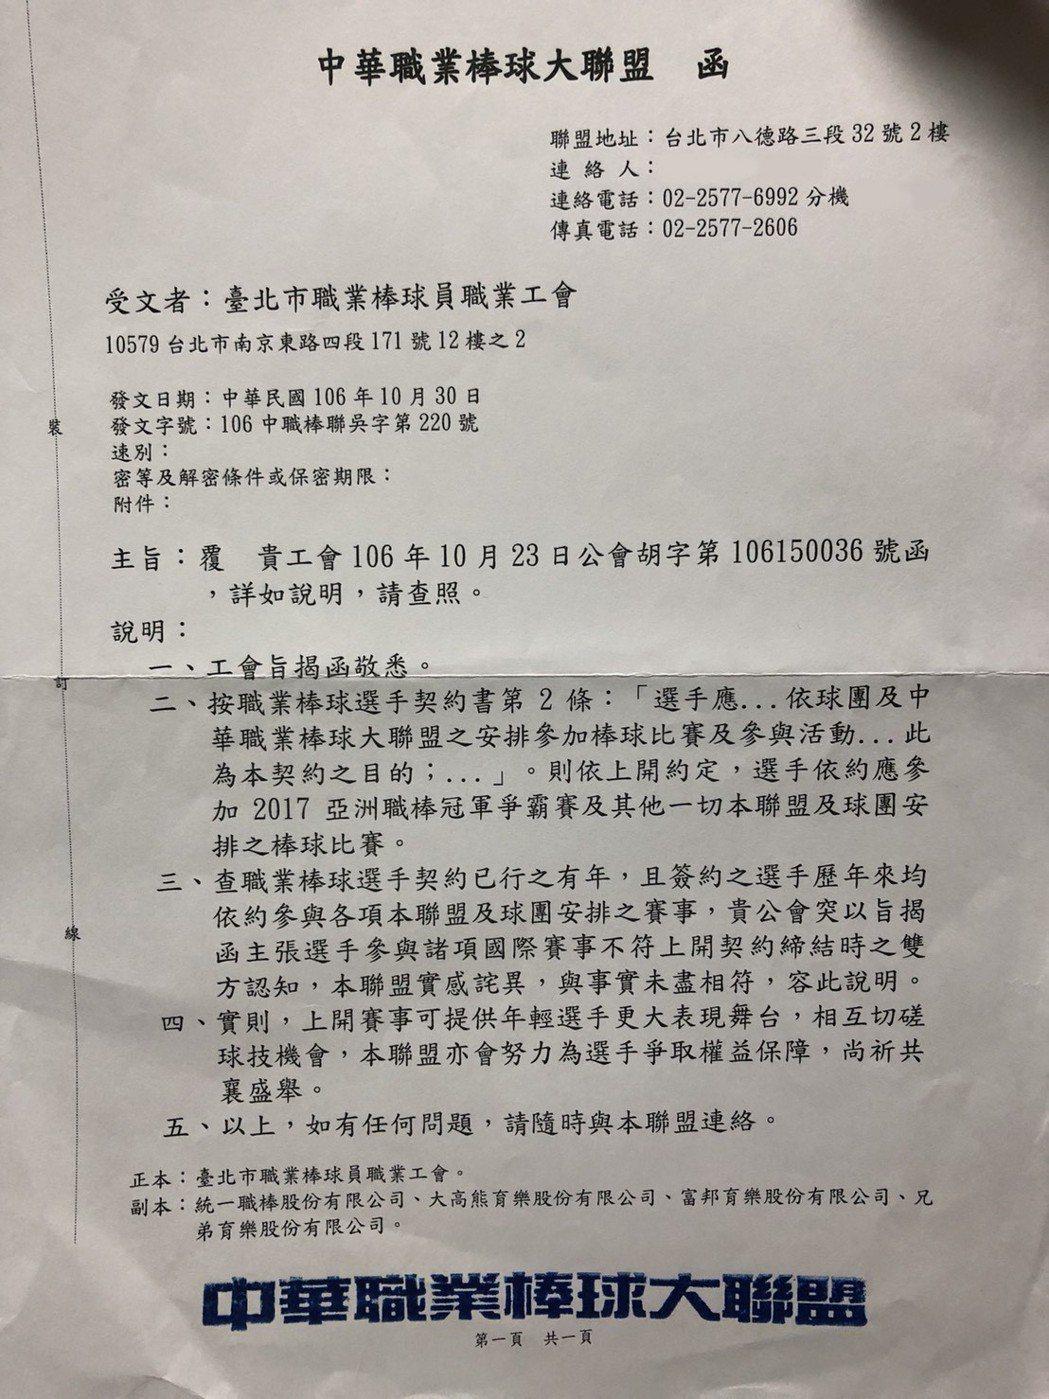 附件5:中職聯盟回函。